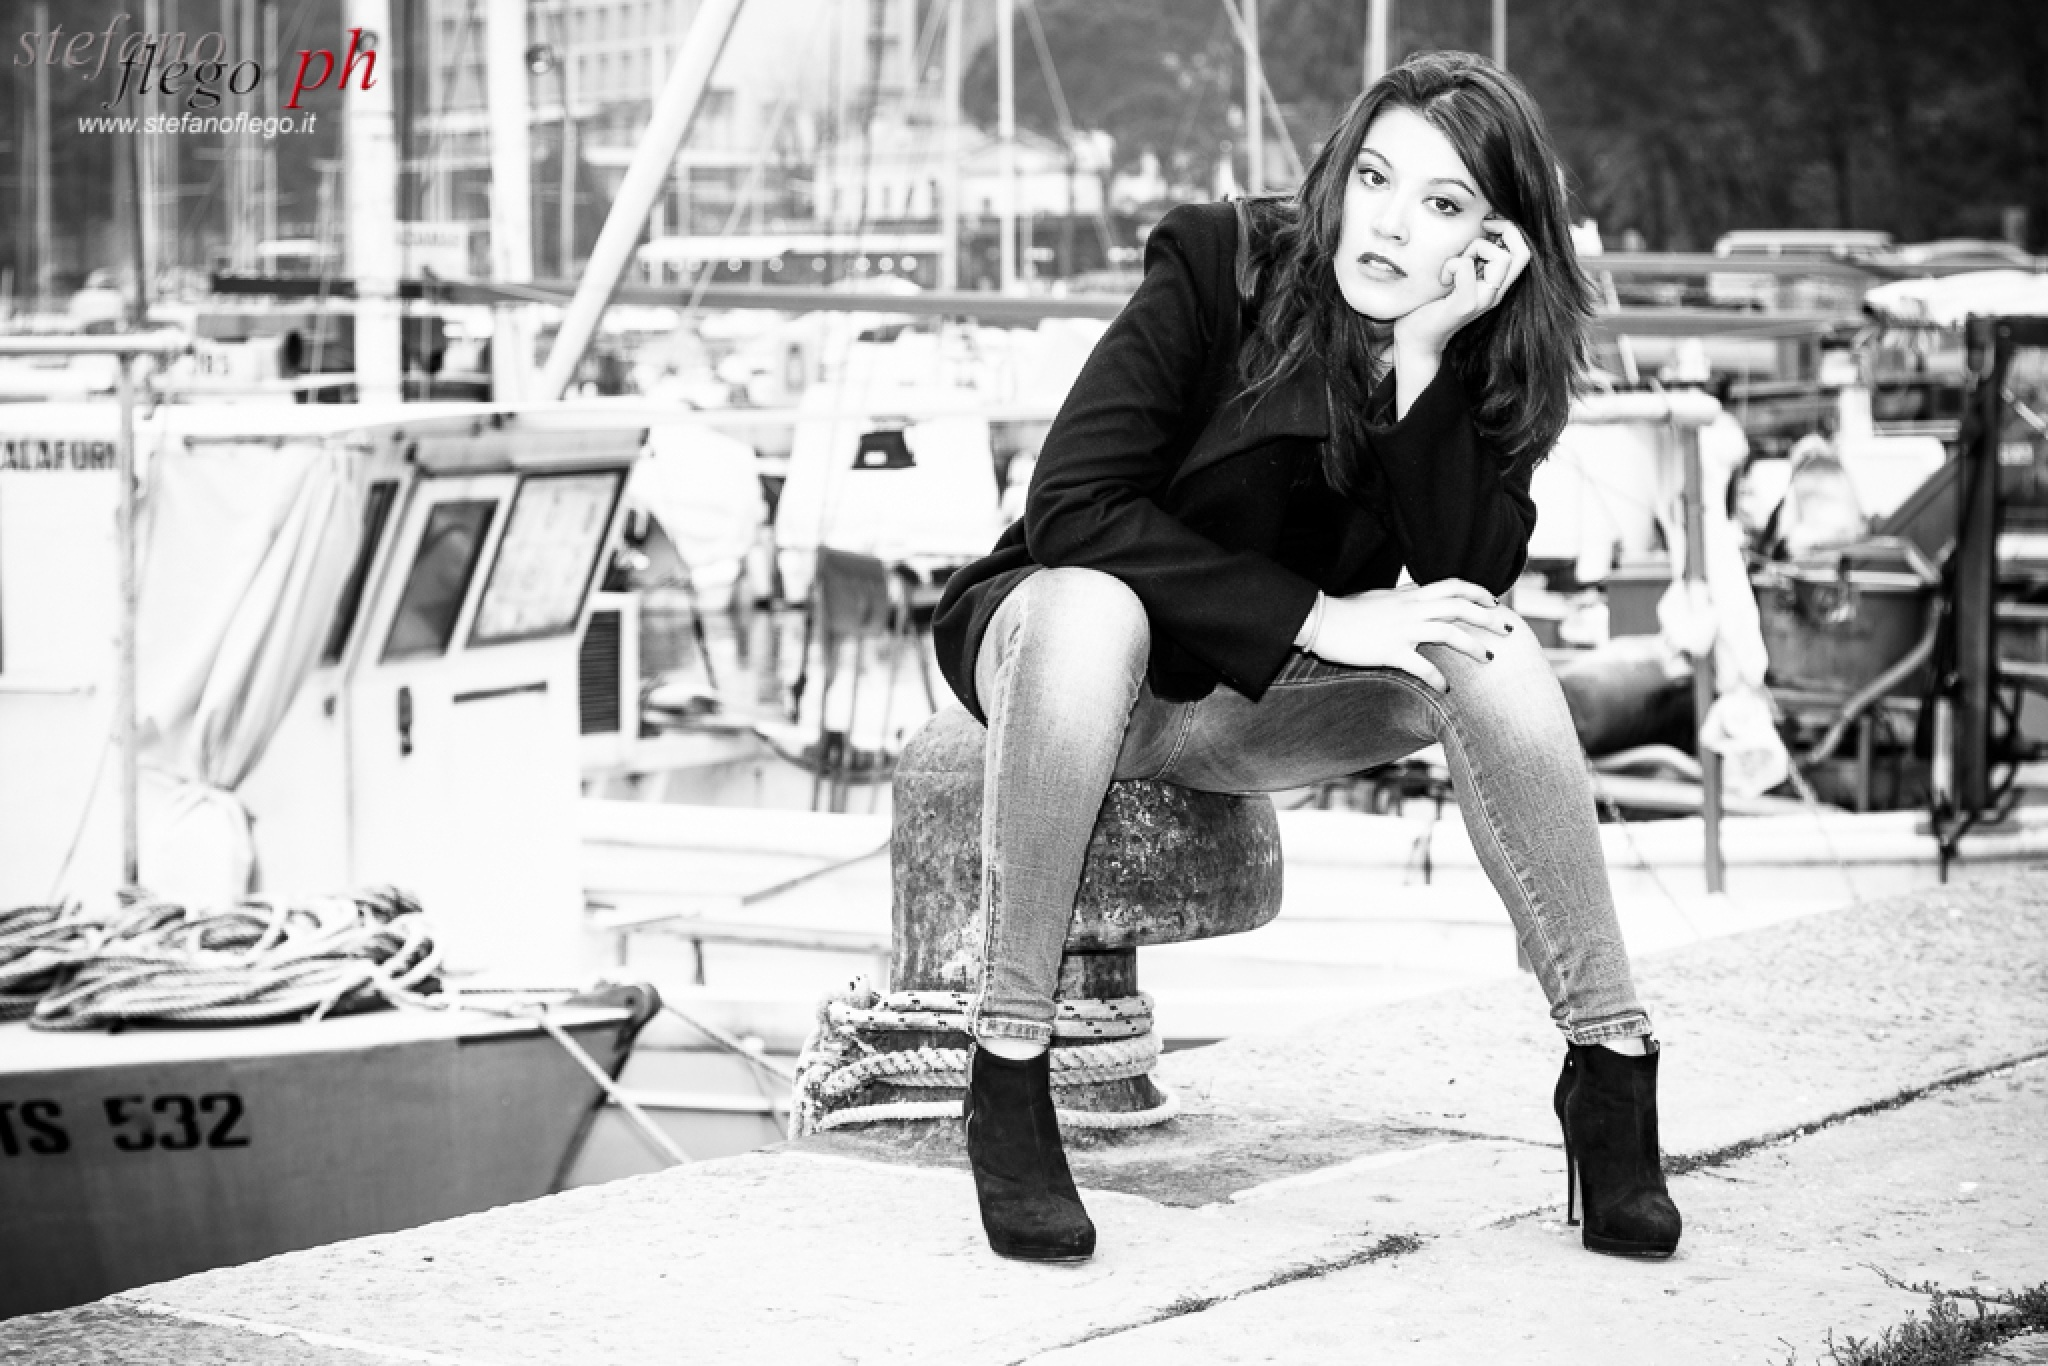 Samantha by Stefano Flego Ph